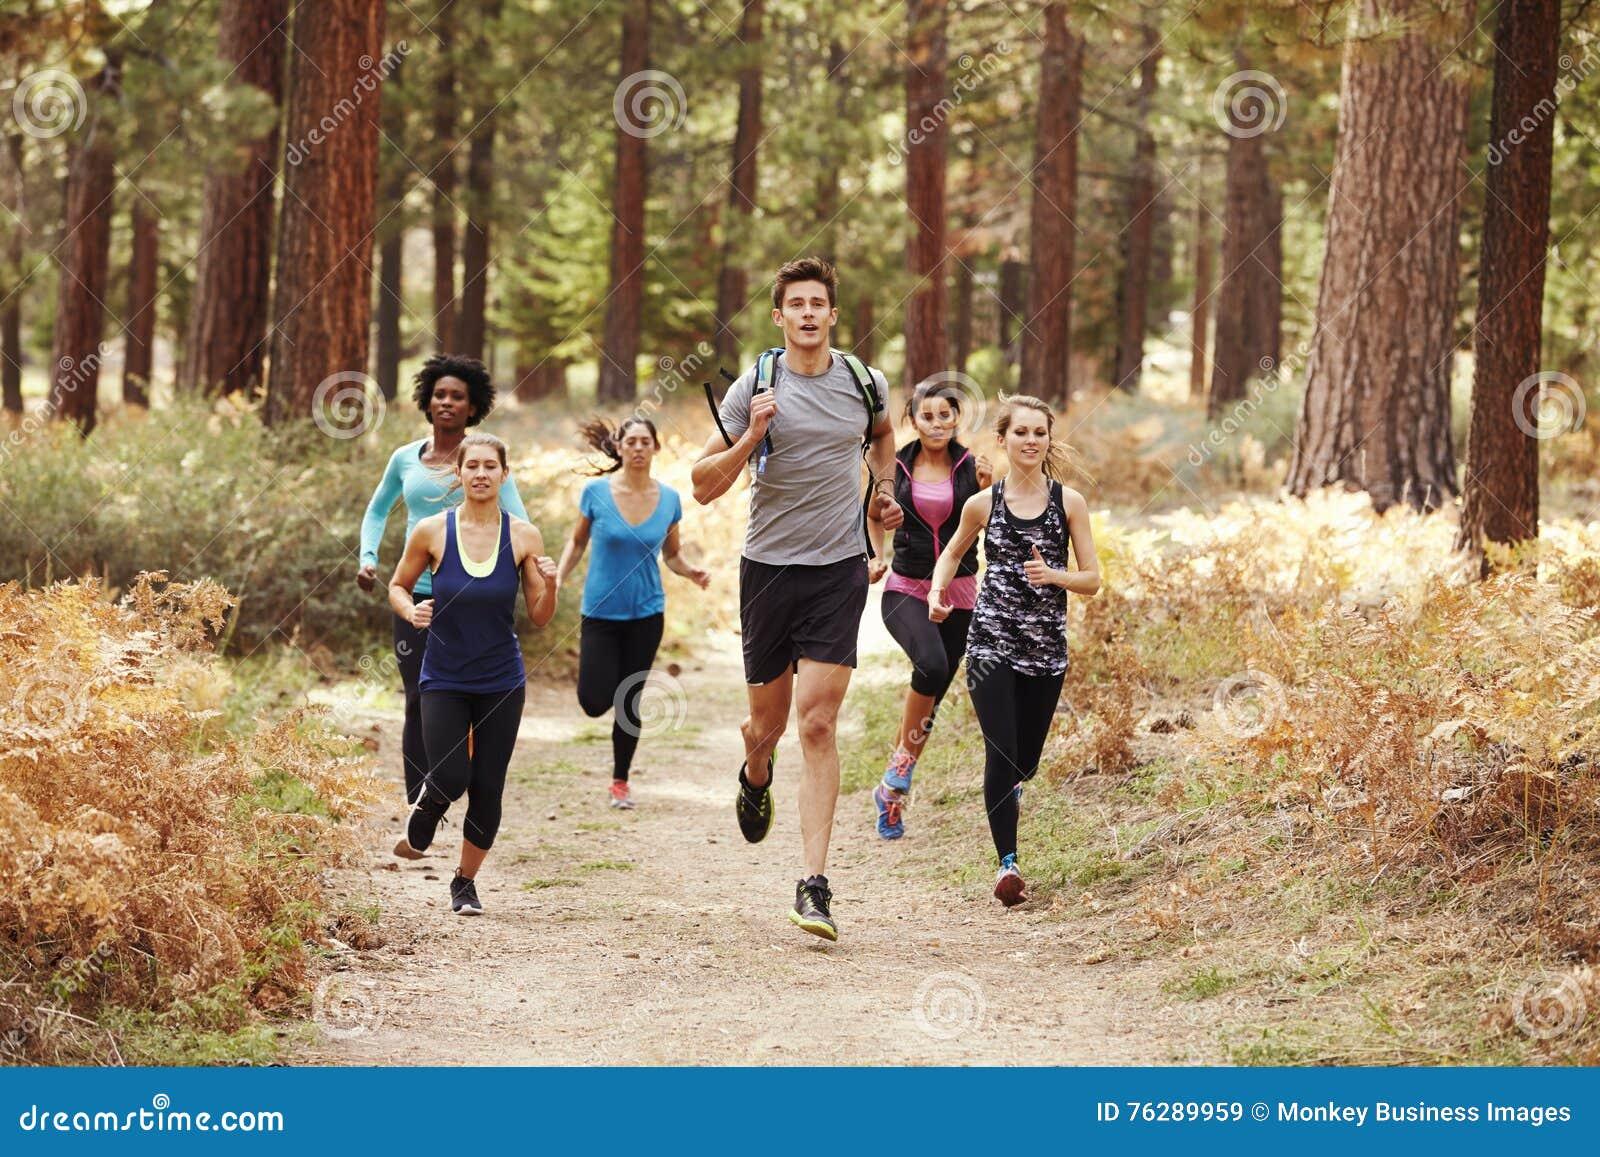 跑在森林里的小组年轻成人朋友